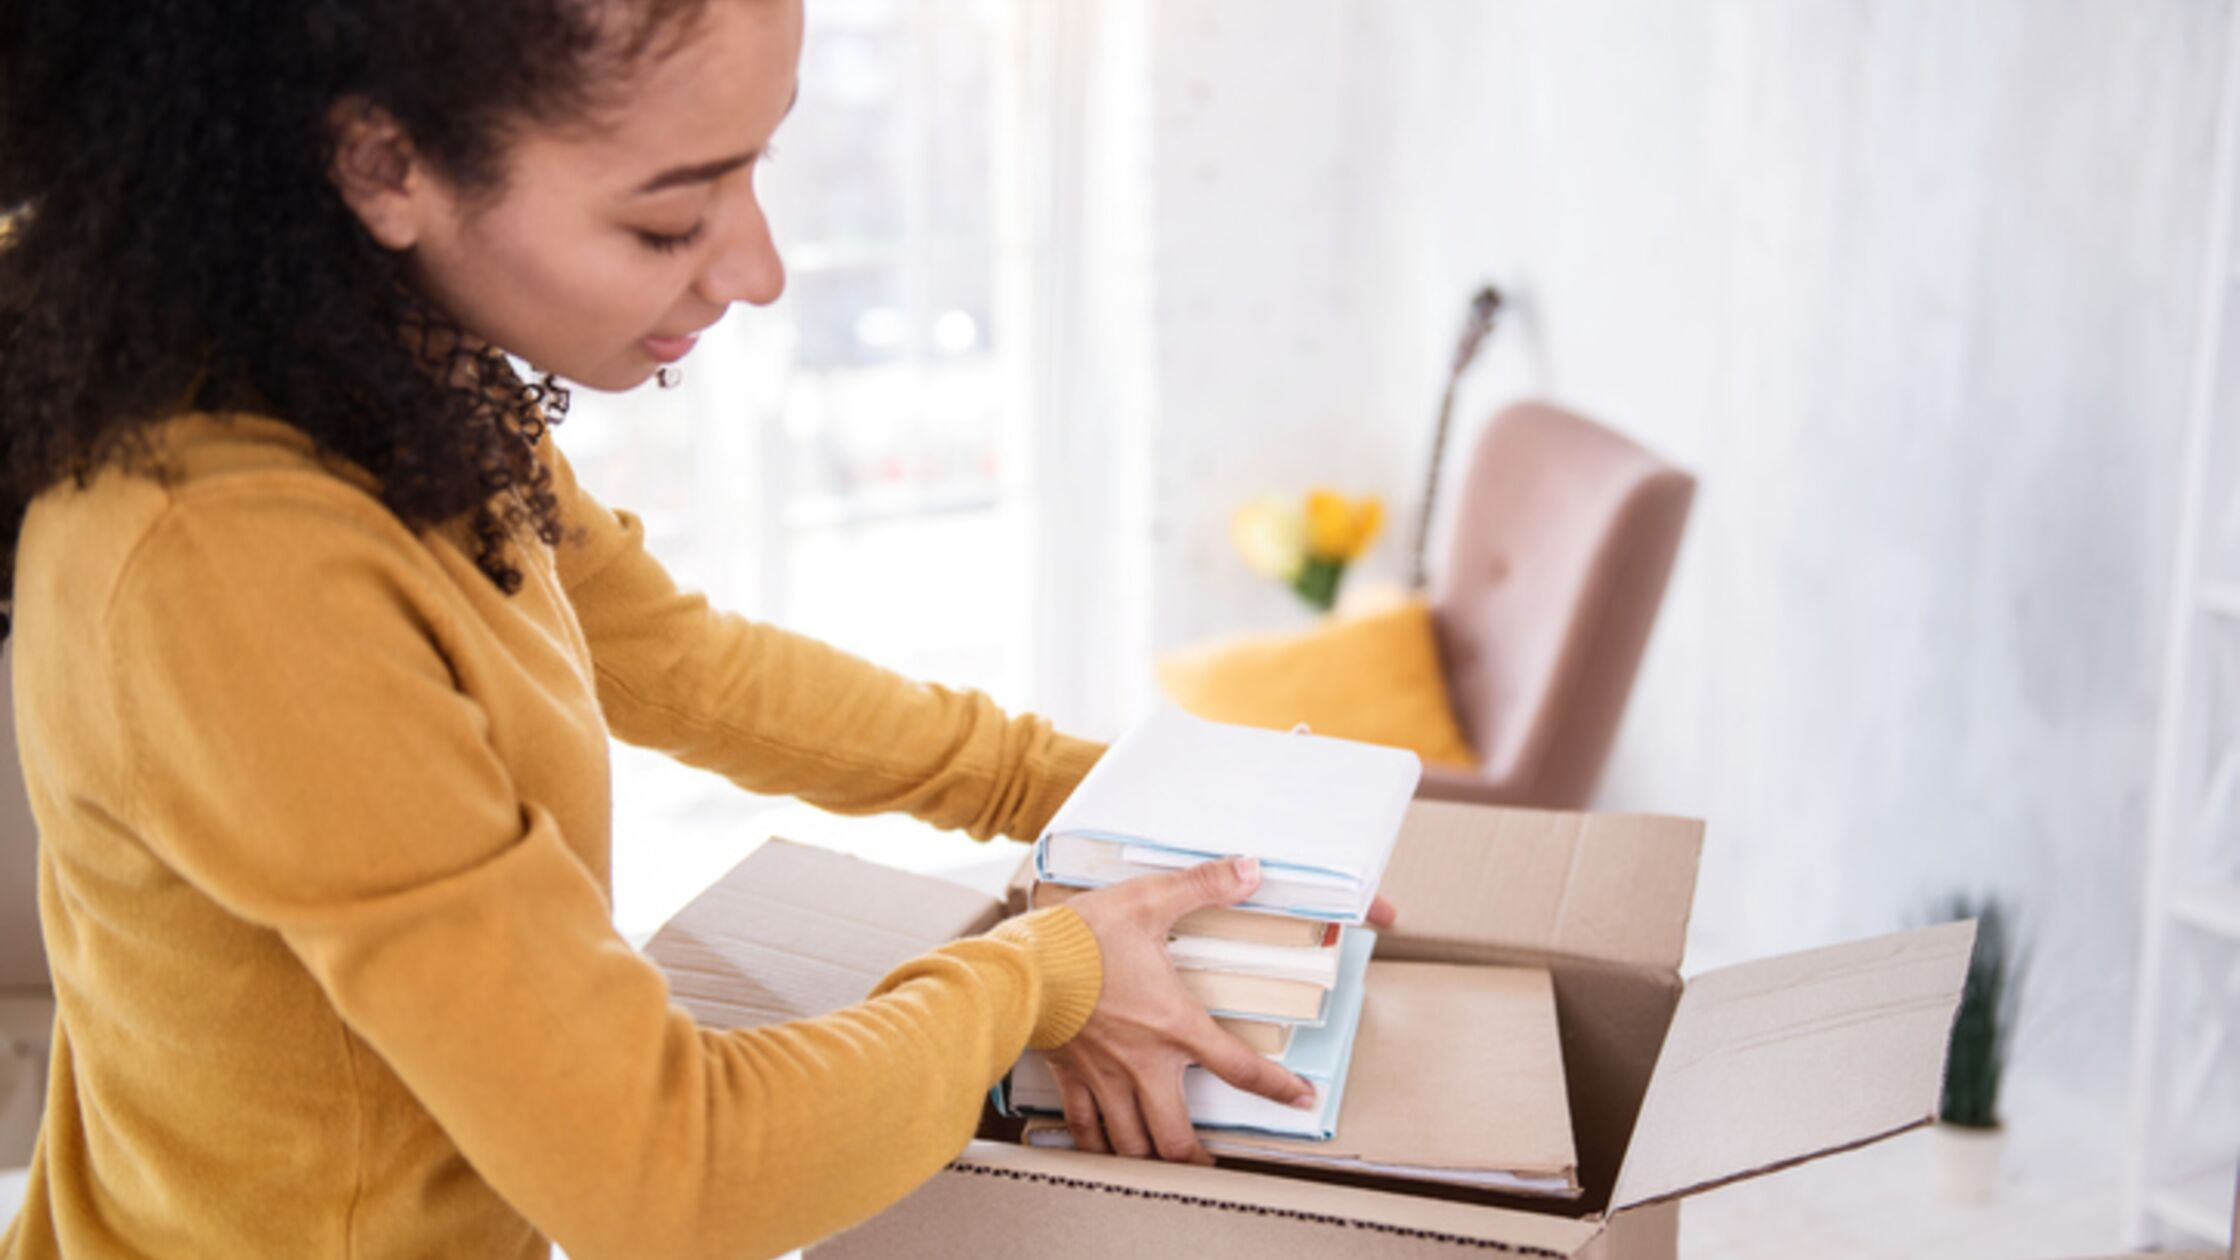 Frau packt Bücher ein